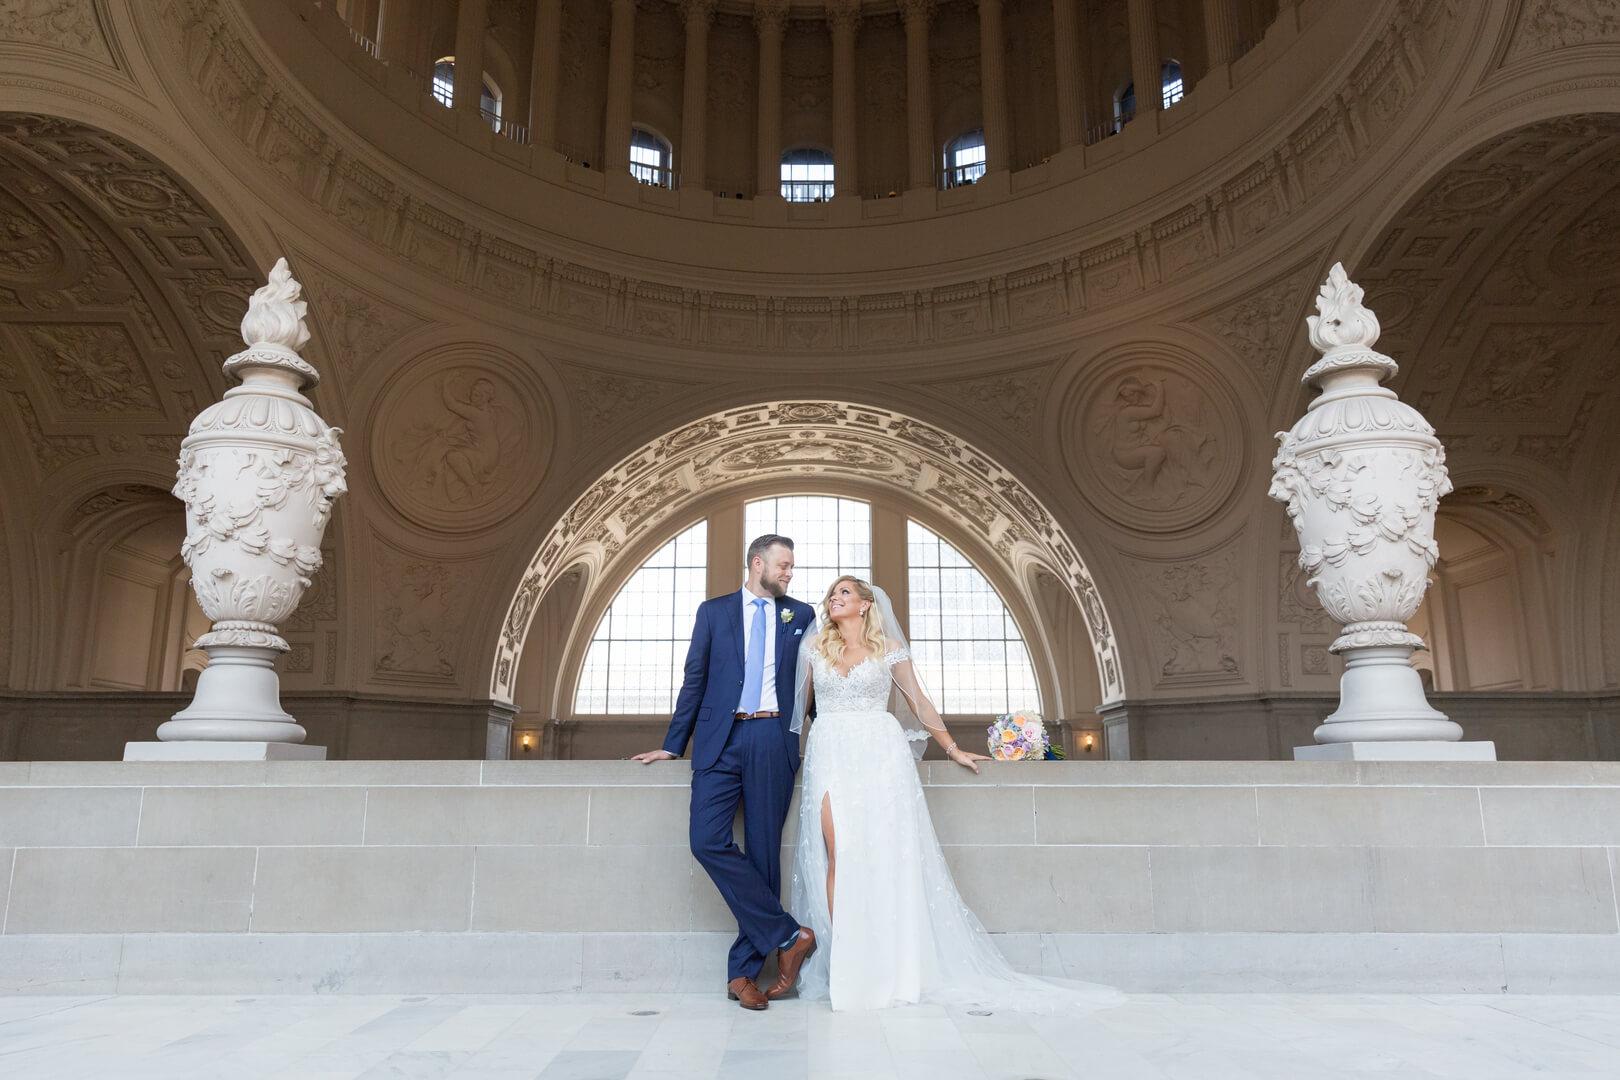 Robyn and Hugh San Francisco City Hall wedding